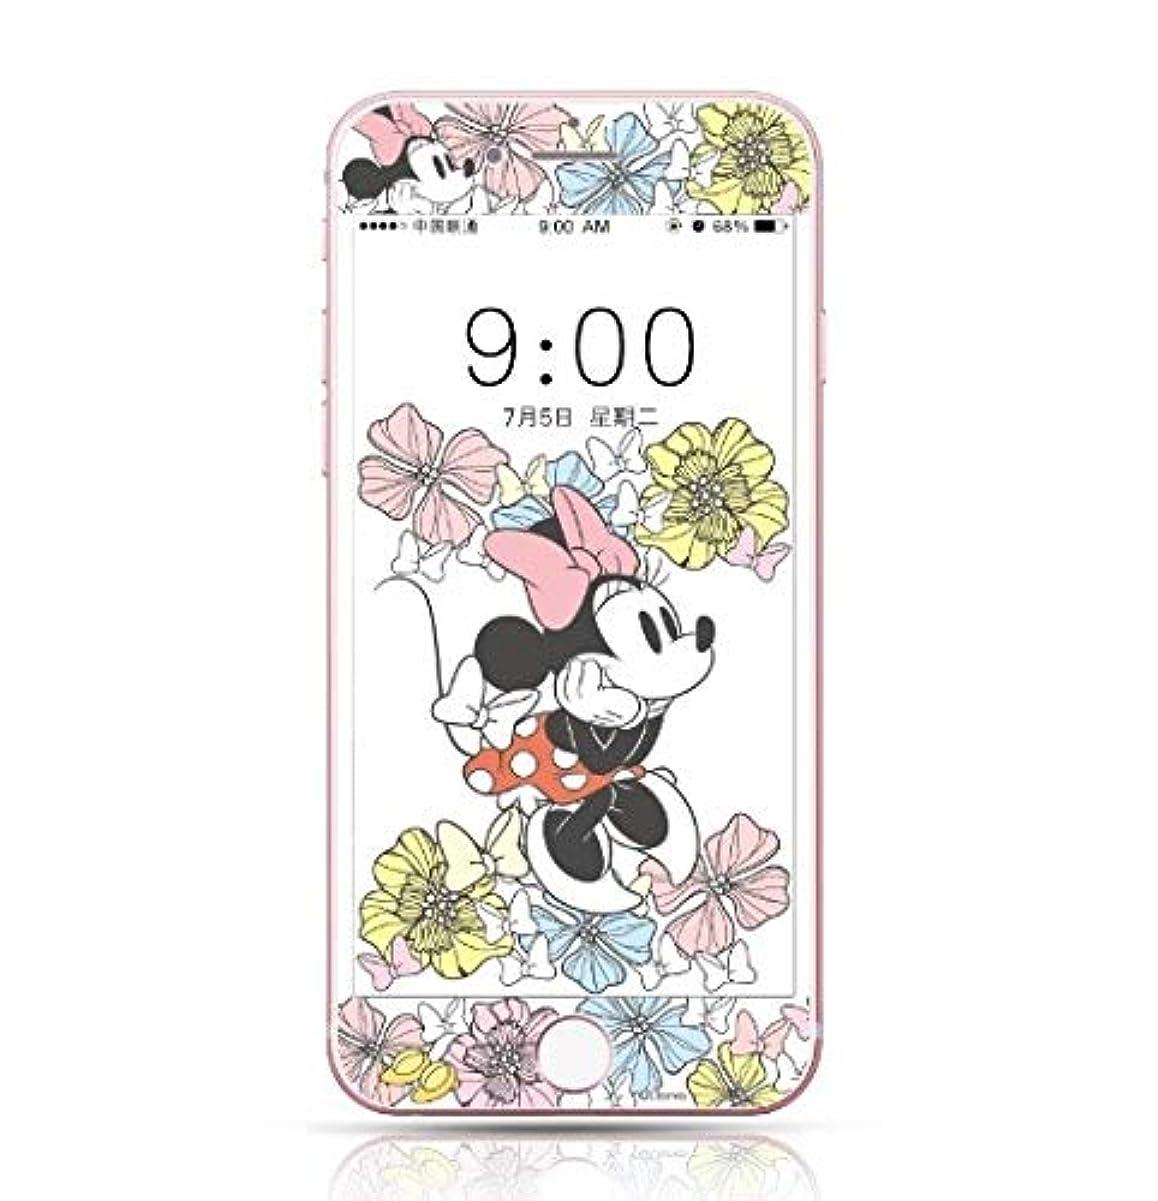 欠席服を洗う喉頭iPhone 7 / iPhone 8 ガラスフィルム 保護フィルム ミッキー ミニー 硬度9H ラウンドエッジ加工 キャラクター3Dフィルム (iPhone6/6S/7/8, ミニーマウス2)